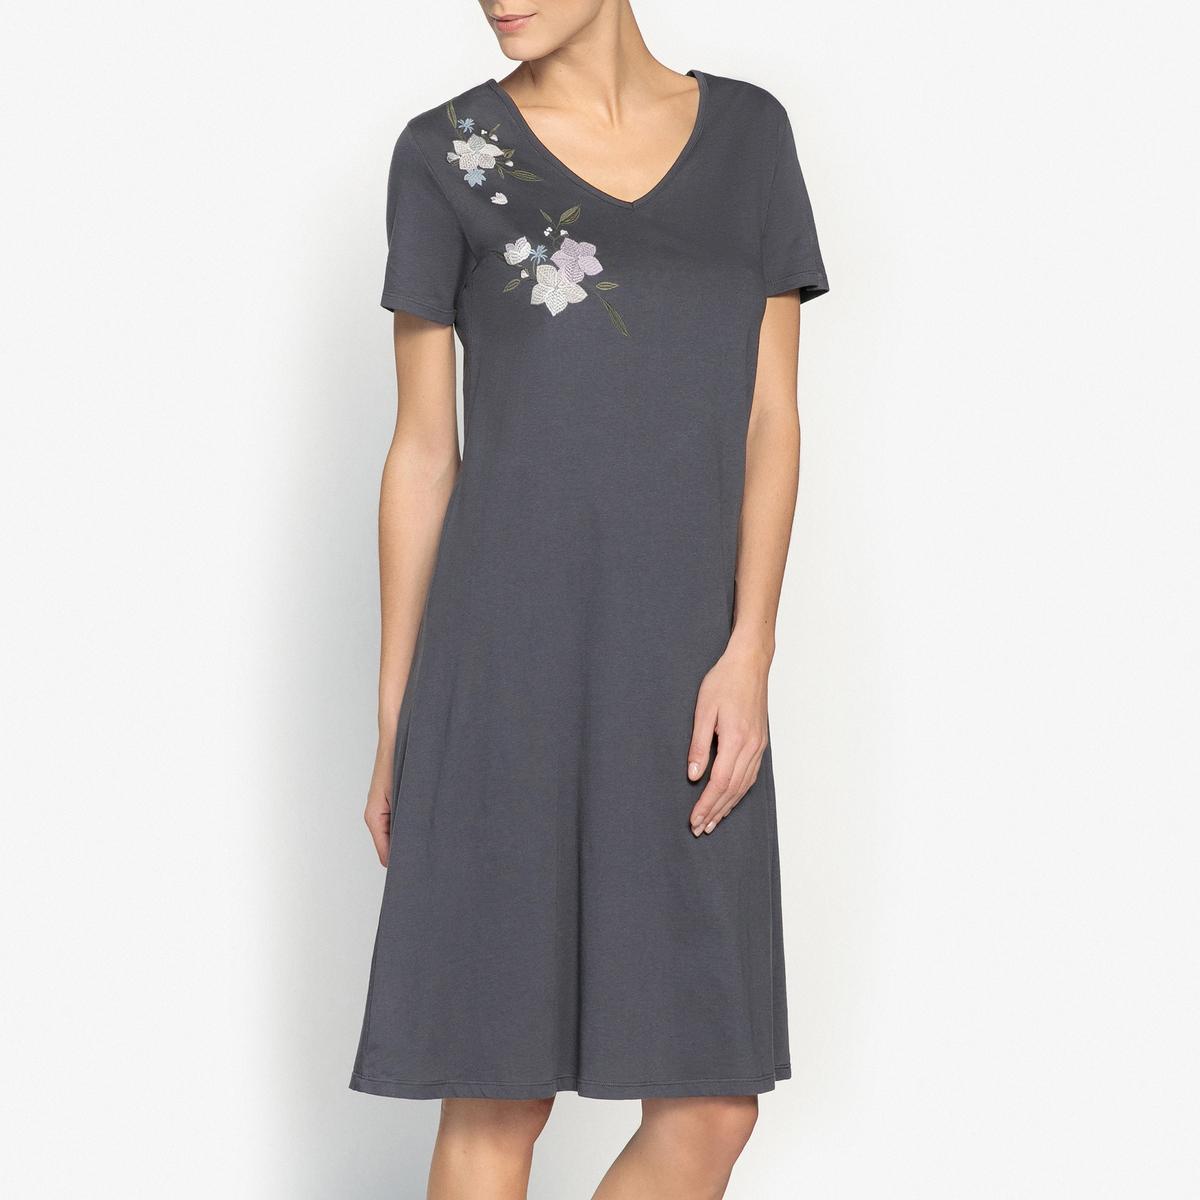 Рубашка ночная с вышивкойНочная рубашка с вышивкой и короткими рукавами, Anne Weyburn.Прямой покрой, короткие рукава, V-образный вырез, вышивка на груди. Состав и описание : Материал : 100% хлопокДлина : 103 смМарка : Anne Weyburn.Уход:Машинная стирка при 30 °С на деликатном режиме с вещами схожих цветов.Стирать, сушить и гладить при низкой температуре с изнаночной стороны.<br><br>Цвет: темно-синий<br>Размер: 34/36 (FR) - 40/42 (RUS).38/40 (FR) - 44/46 (RUS)